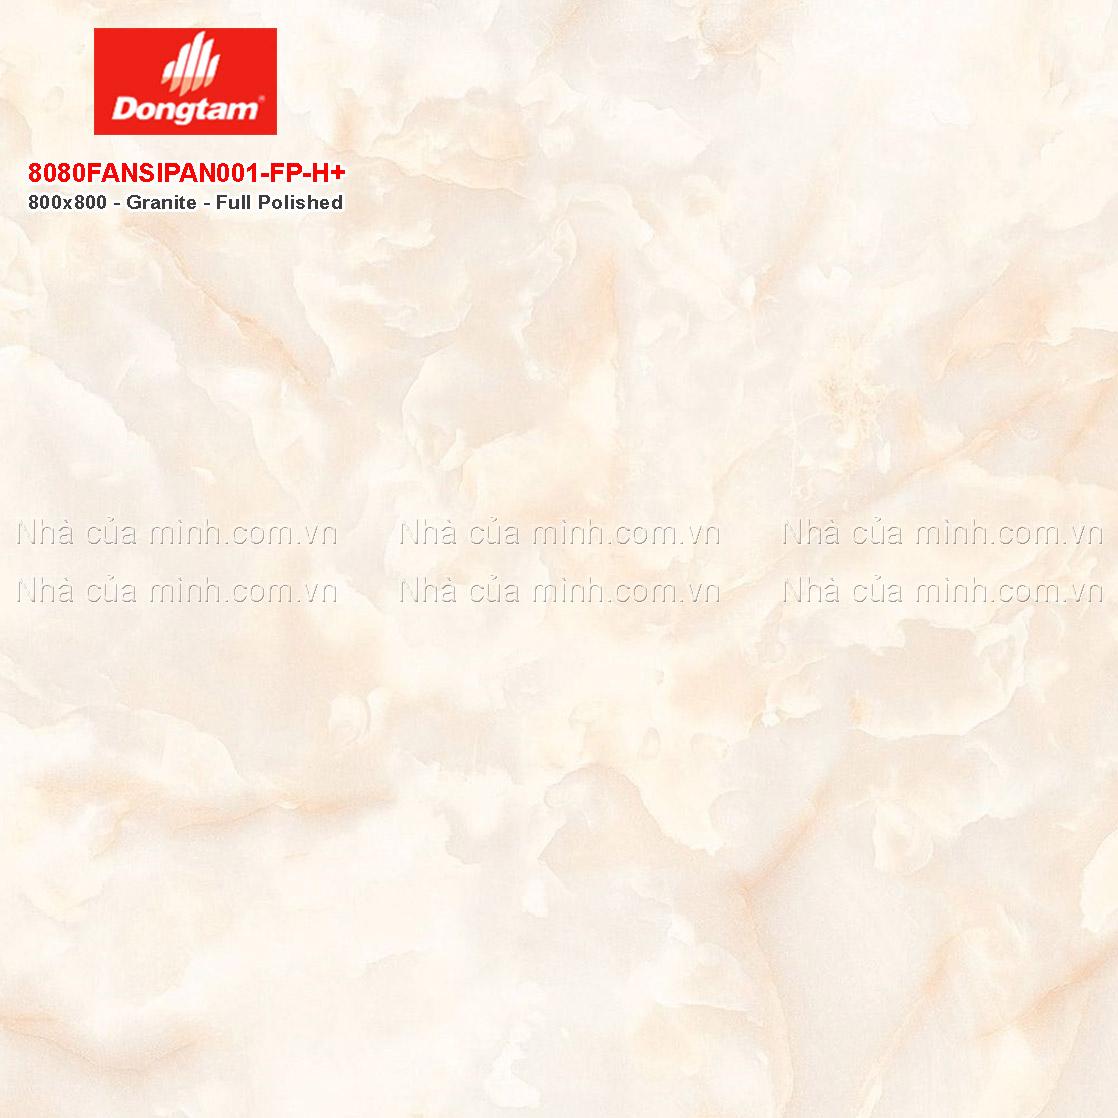 Gạch lát nền granite Đồng Tâm 8080FANSIPAN001-FP-H+ giá rẻ